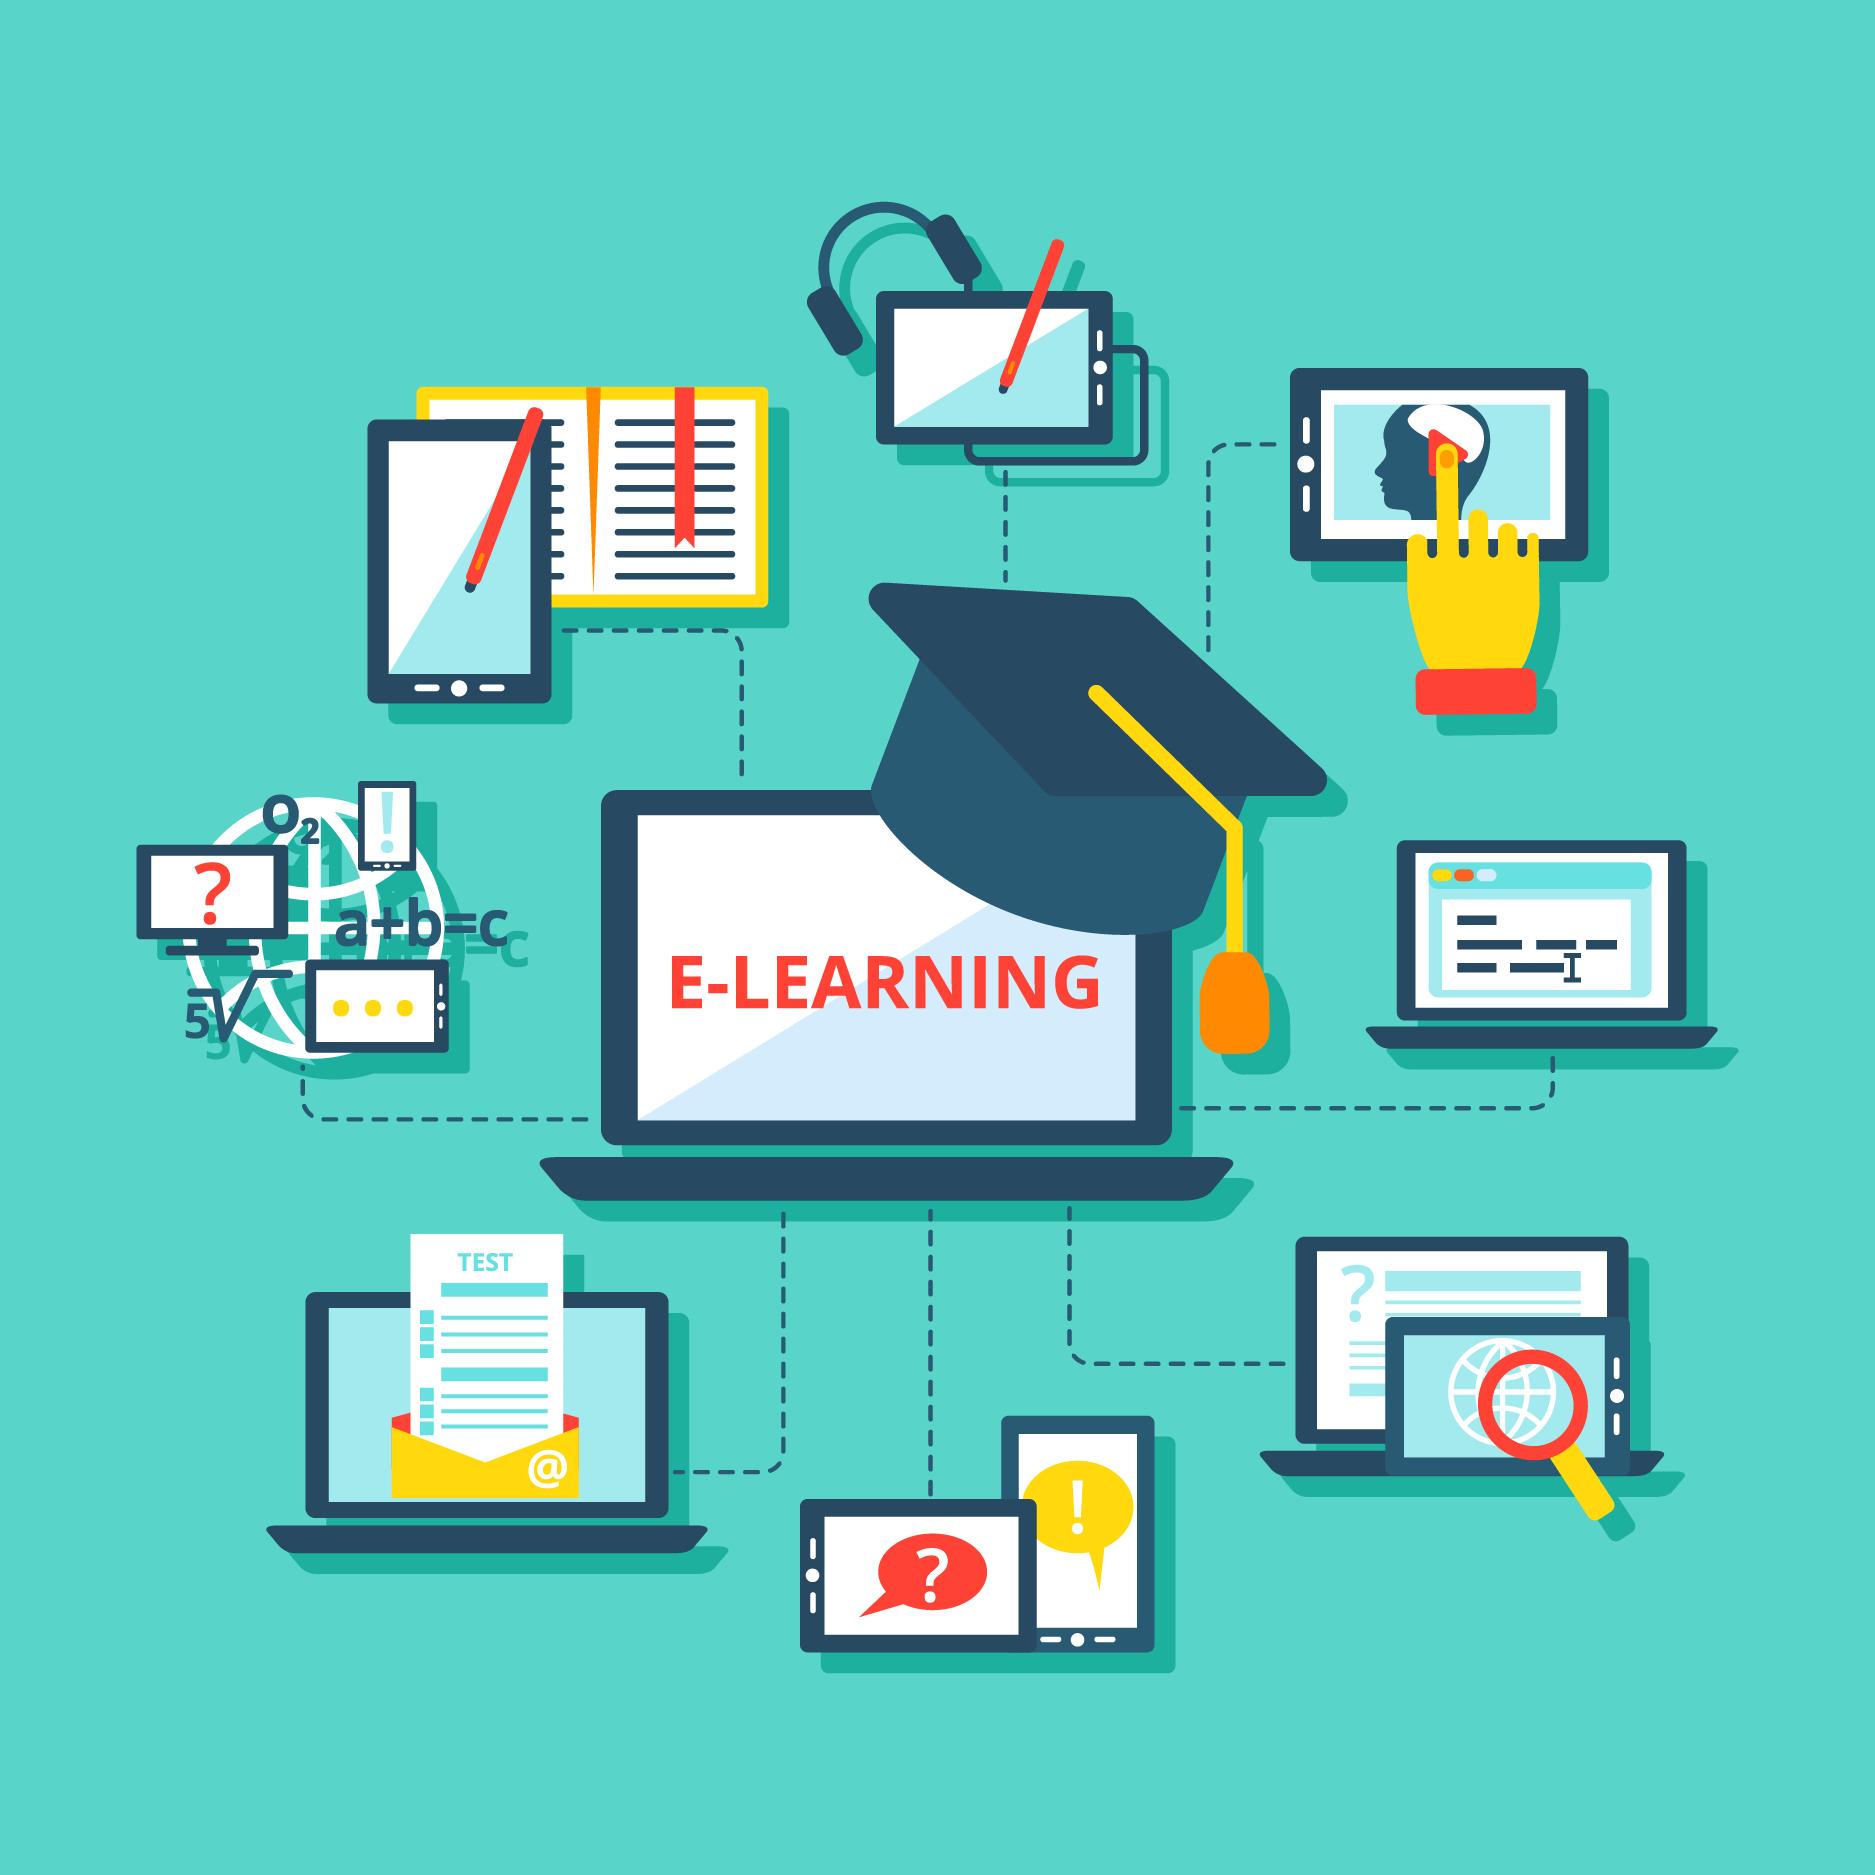 Produzione corsi e-learning